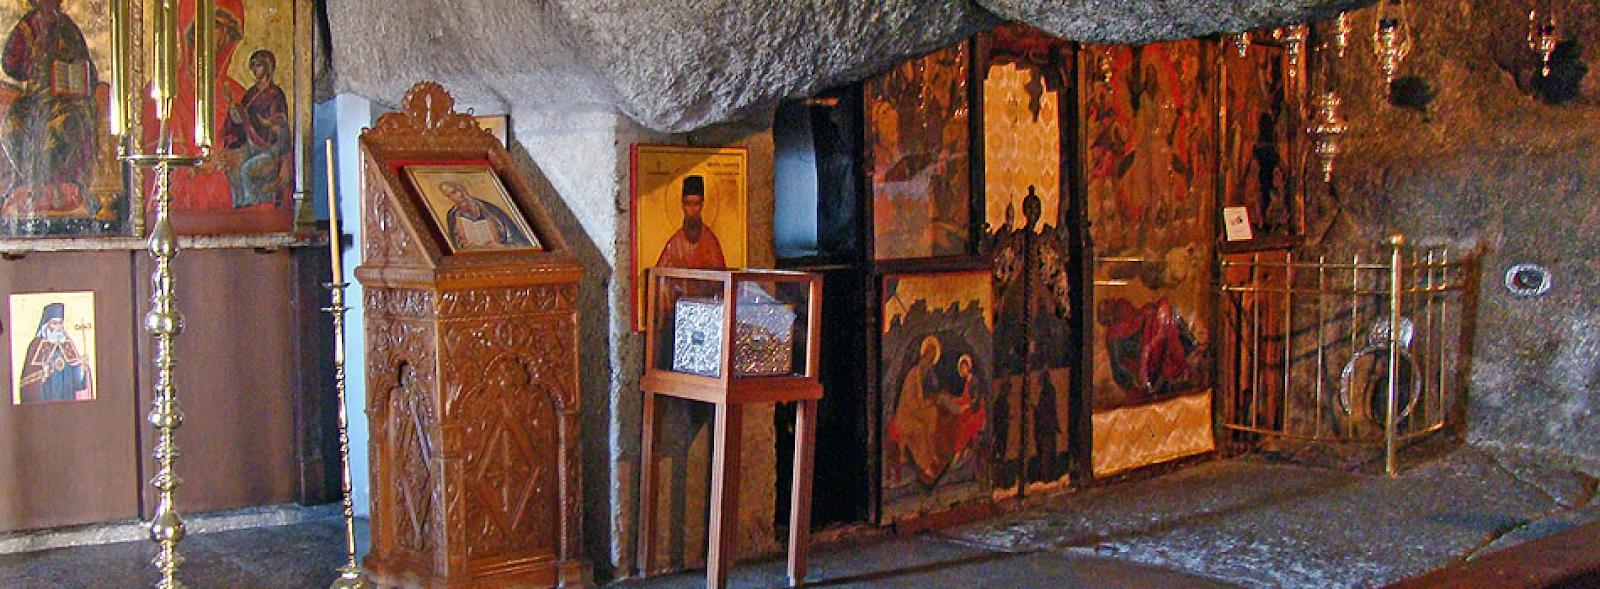 Bên trong hang động nơi Sách Khải Huyền được viết